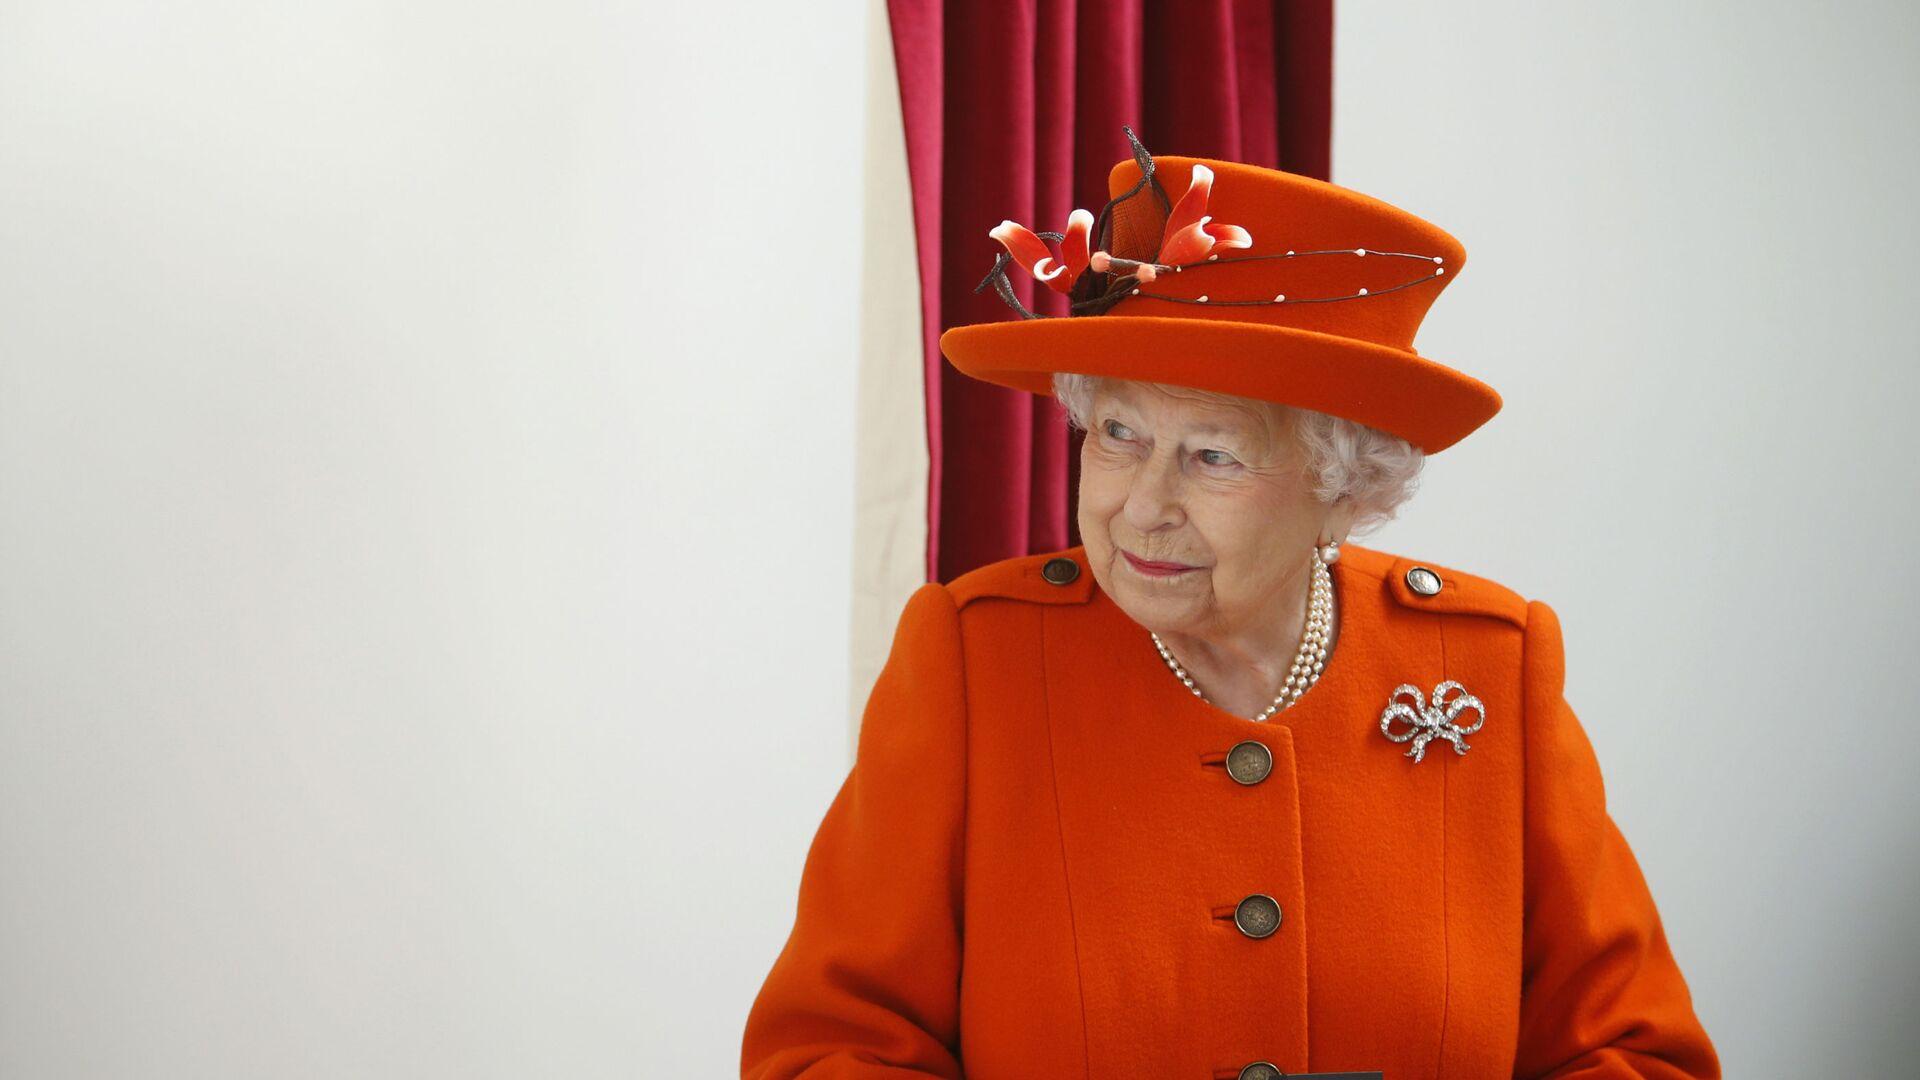 Britská královna Alžběta II. - Sputnik Česká republika, 1920, 01.09.2021